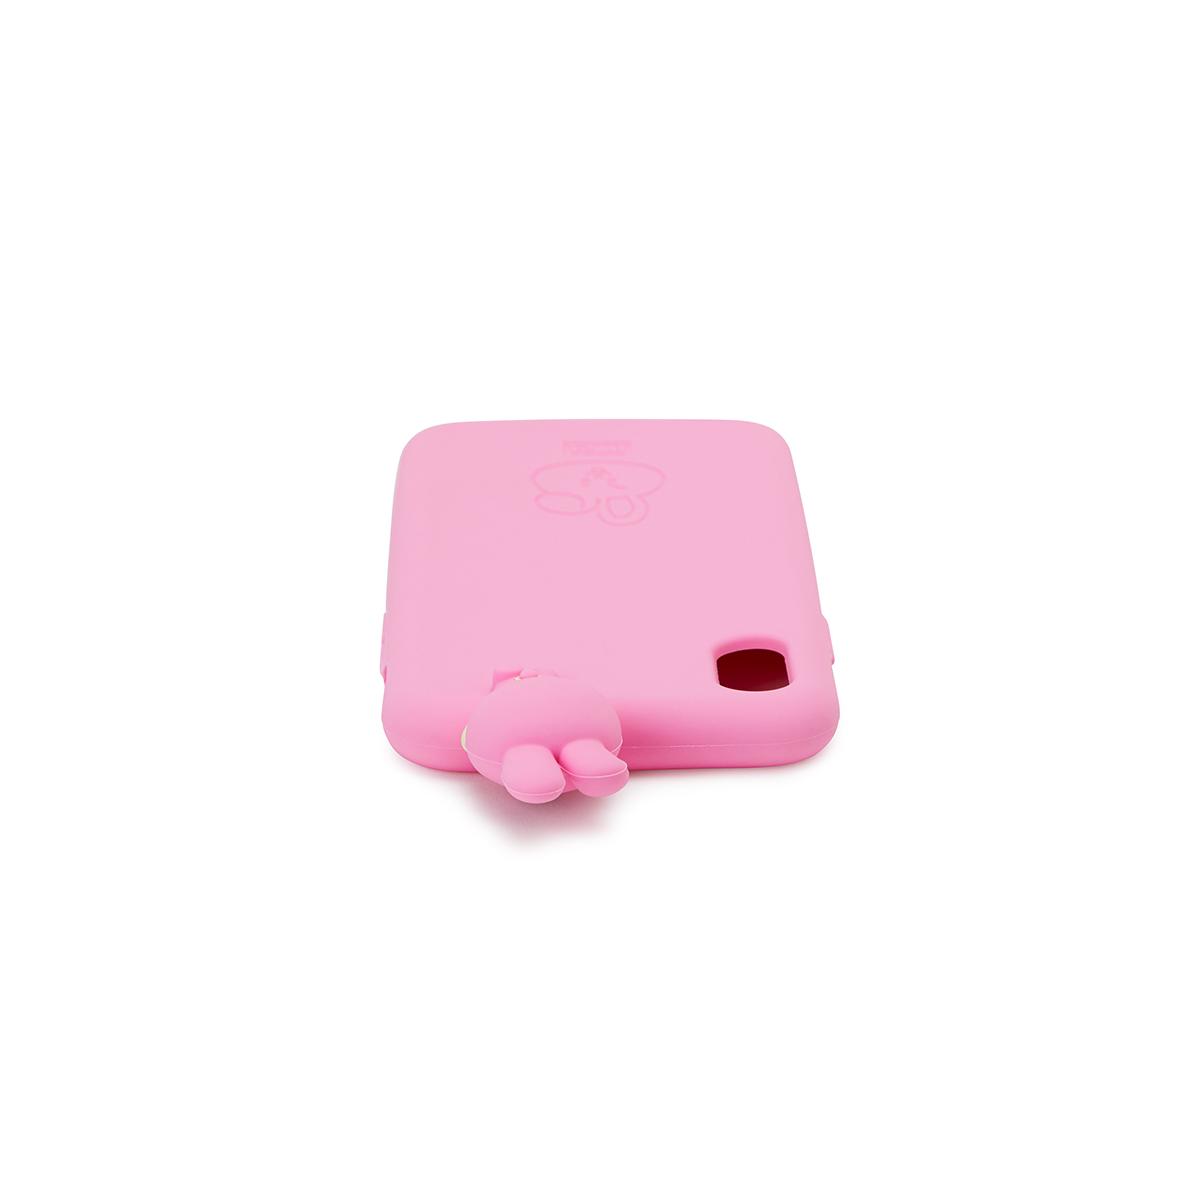 [아이폰X, 8, 8 Plus] BT21 COOKY 빼꼼 피규어 실리콘 케이스